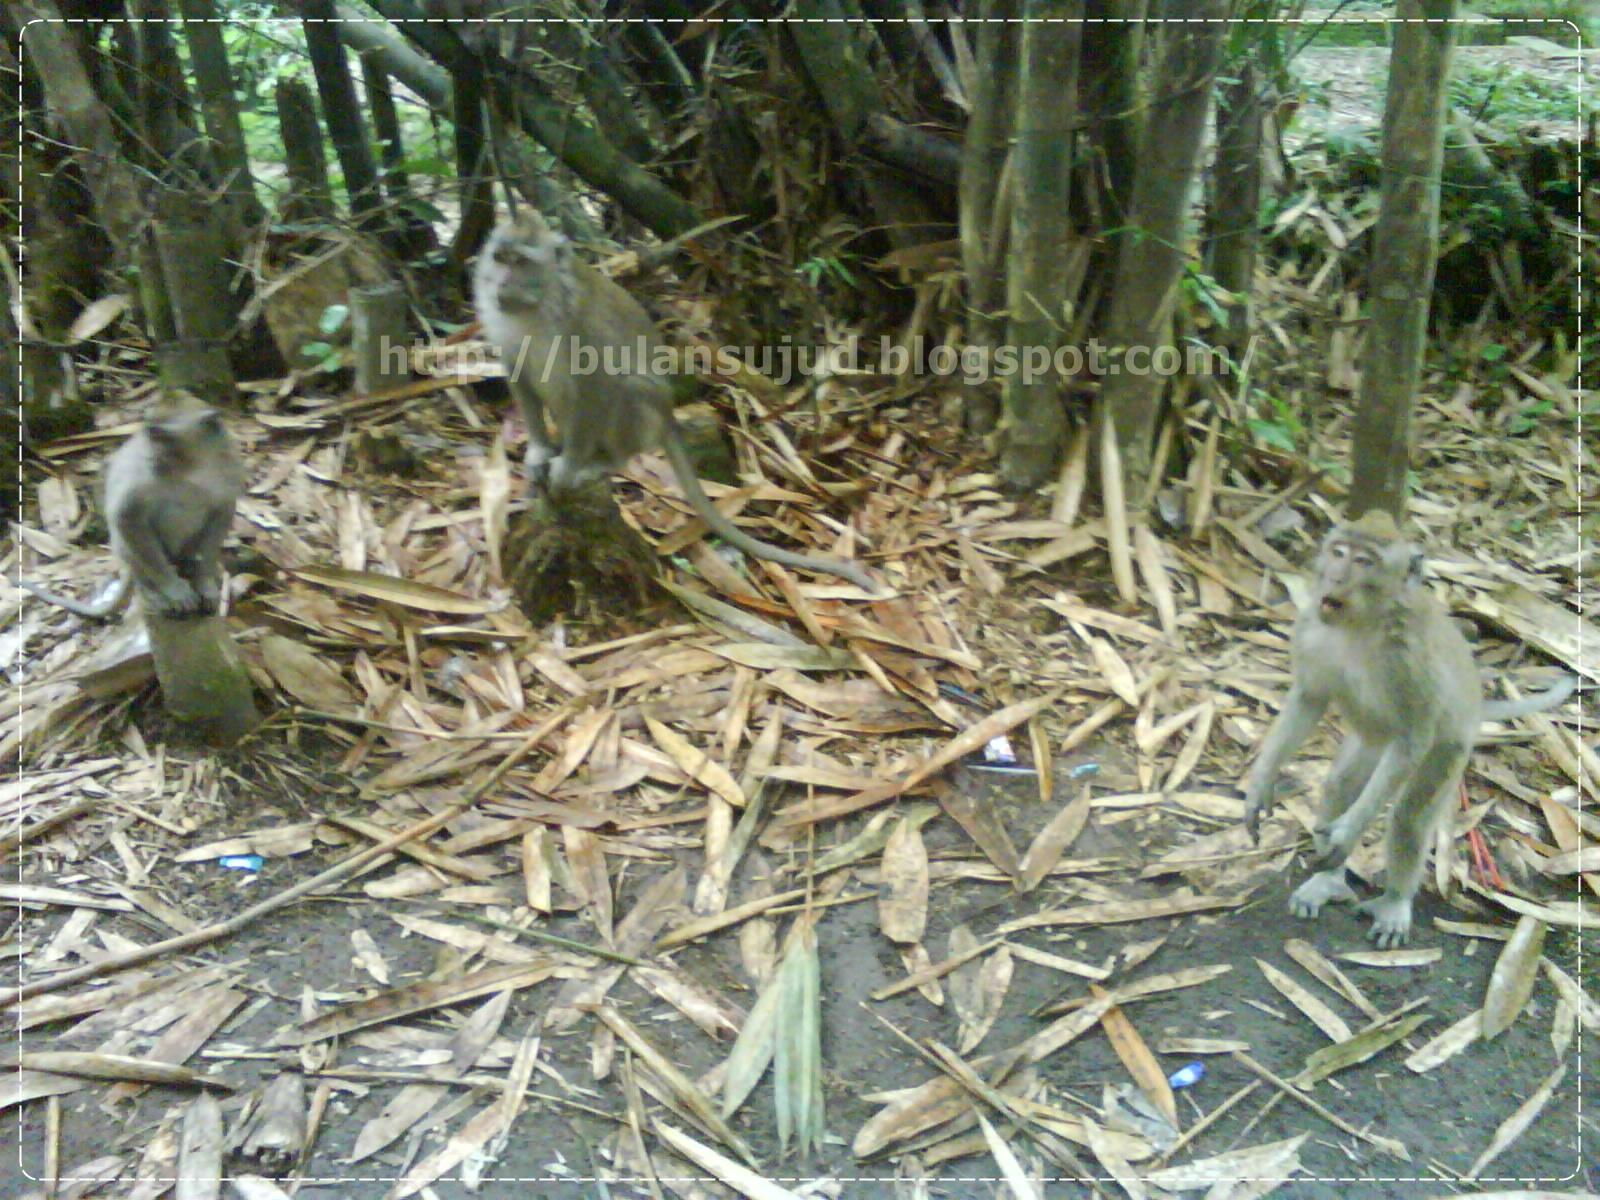 Bulansujud Wisata Alam Hutan Bambu Lumajang